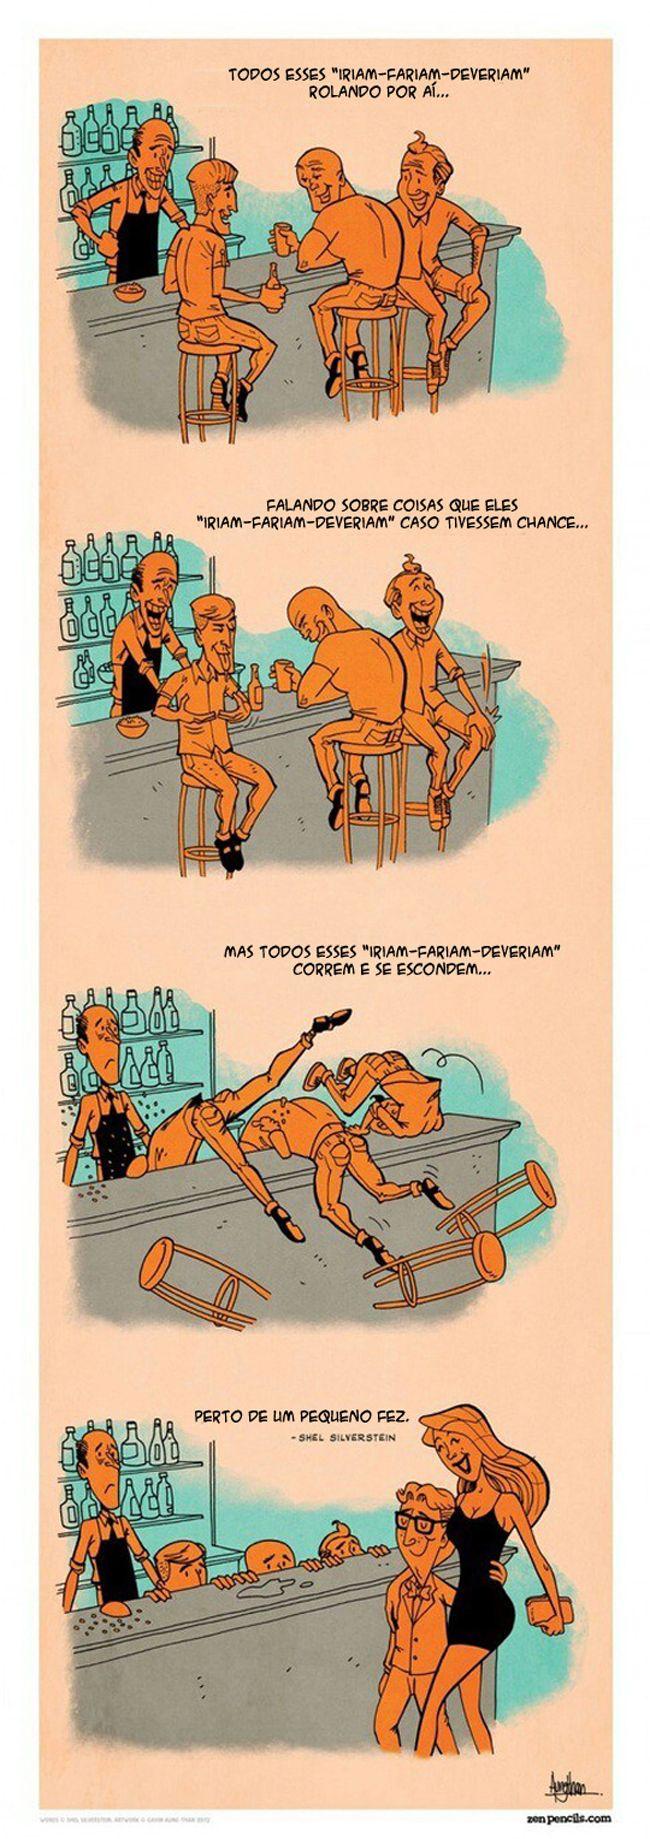 Satirinhas - Quadrinhos, tirinhas, curiosidades e muito mais! - Part 189